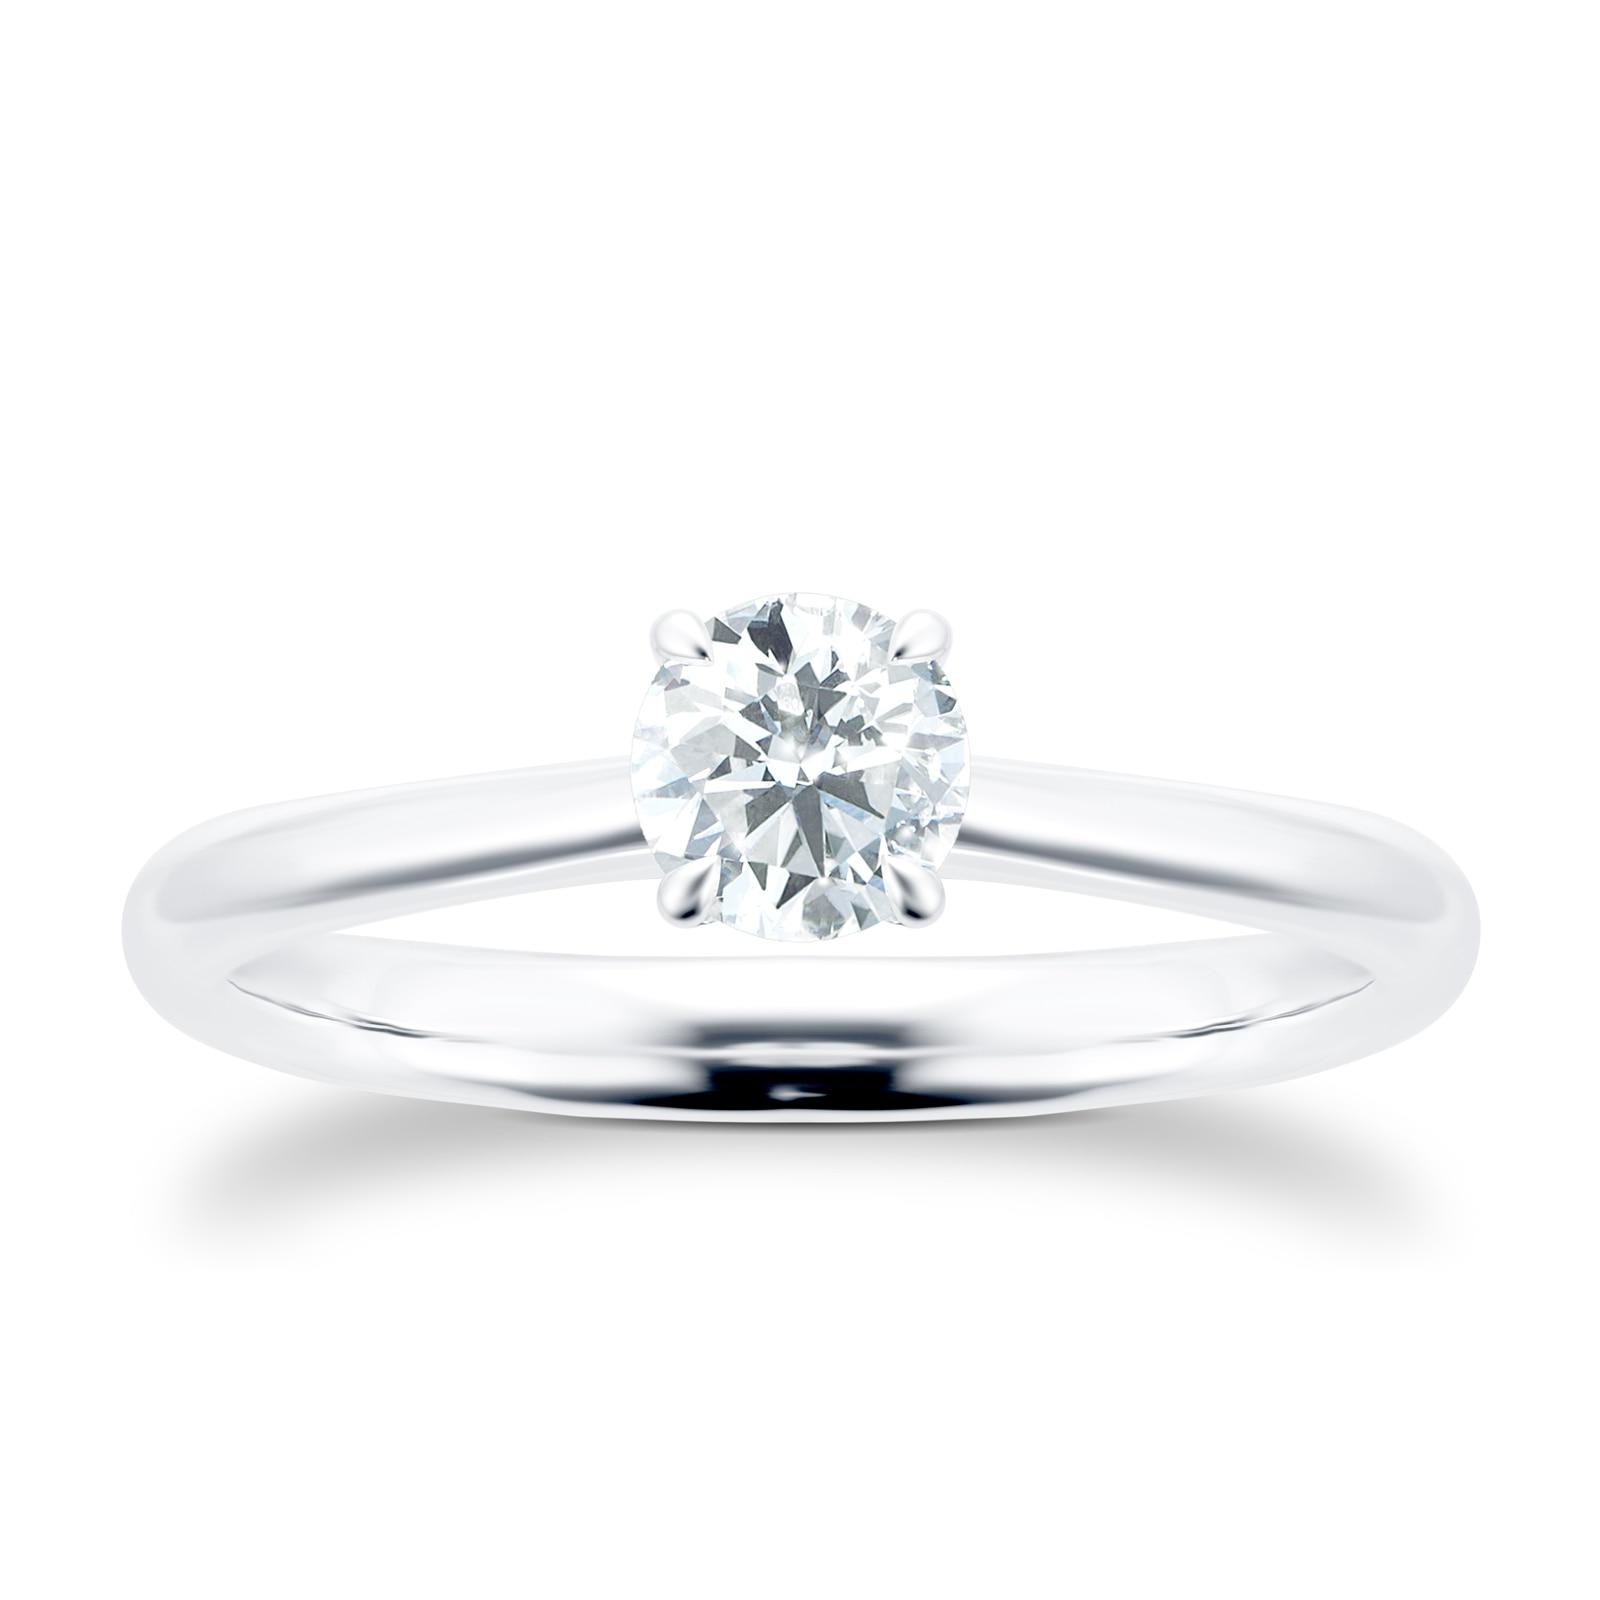 Mayors Platinum 0.70ct Round Engagement Ring (H/VS2)